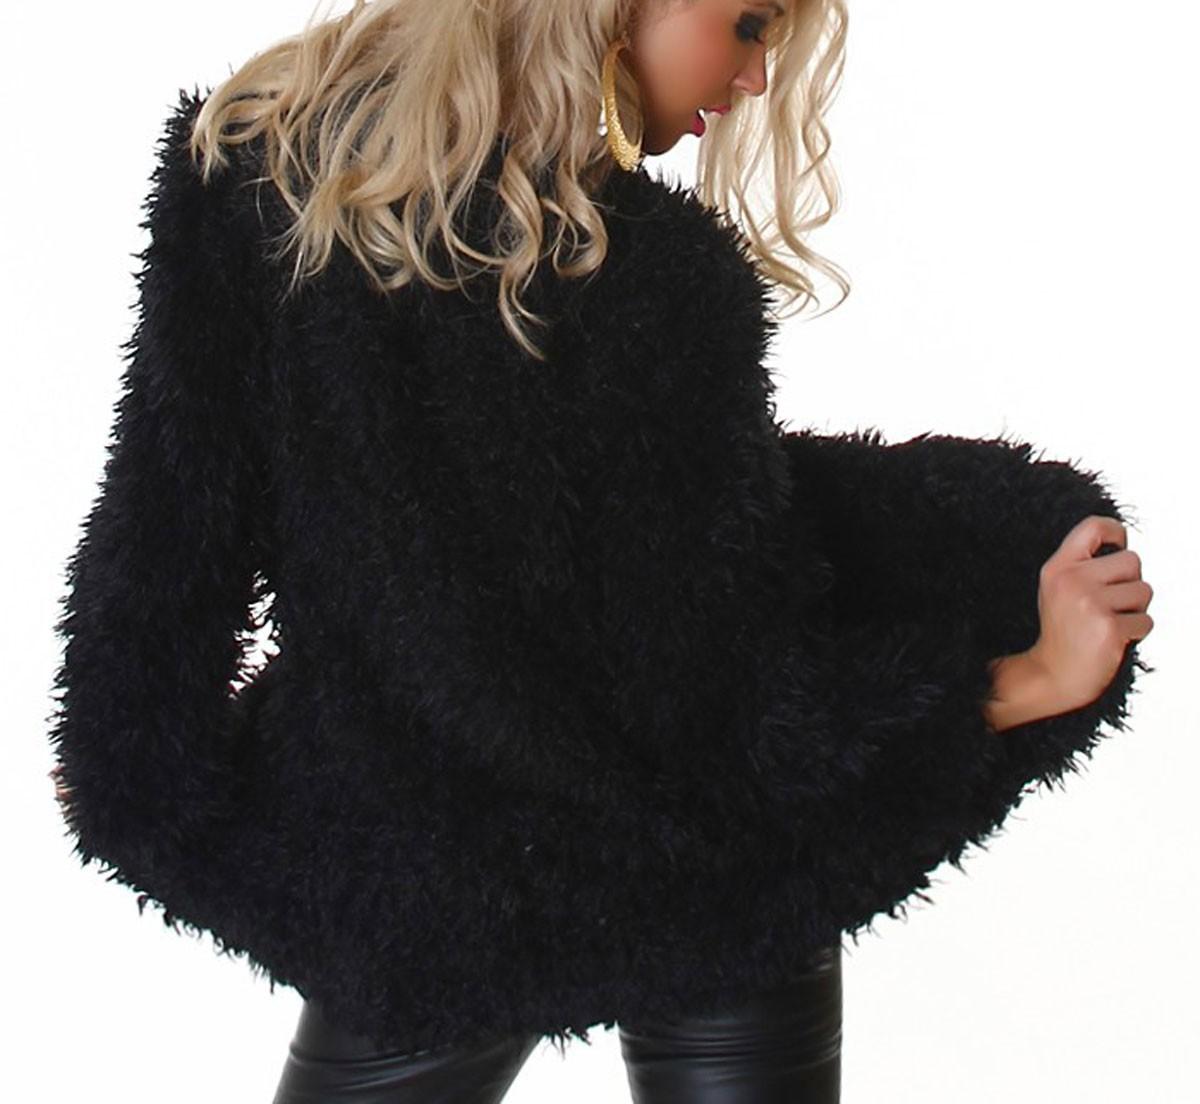 gilet veste femme tre au chaud tout en restant l gante. Black Bedroom Furniture Sets. Home Design Ideas